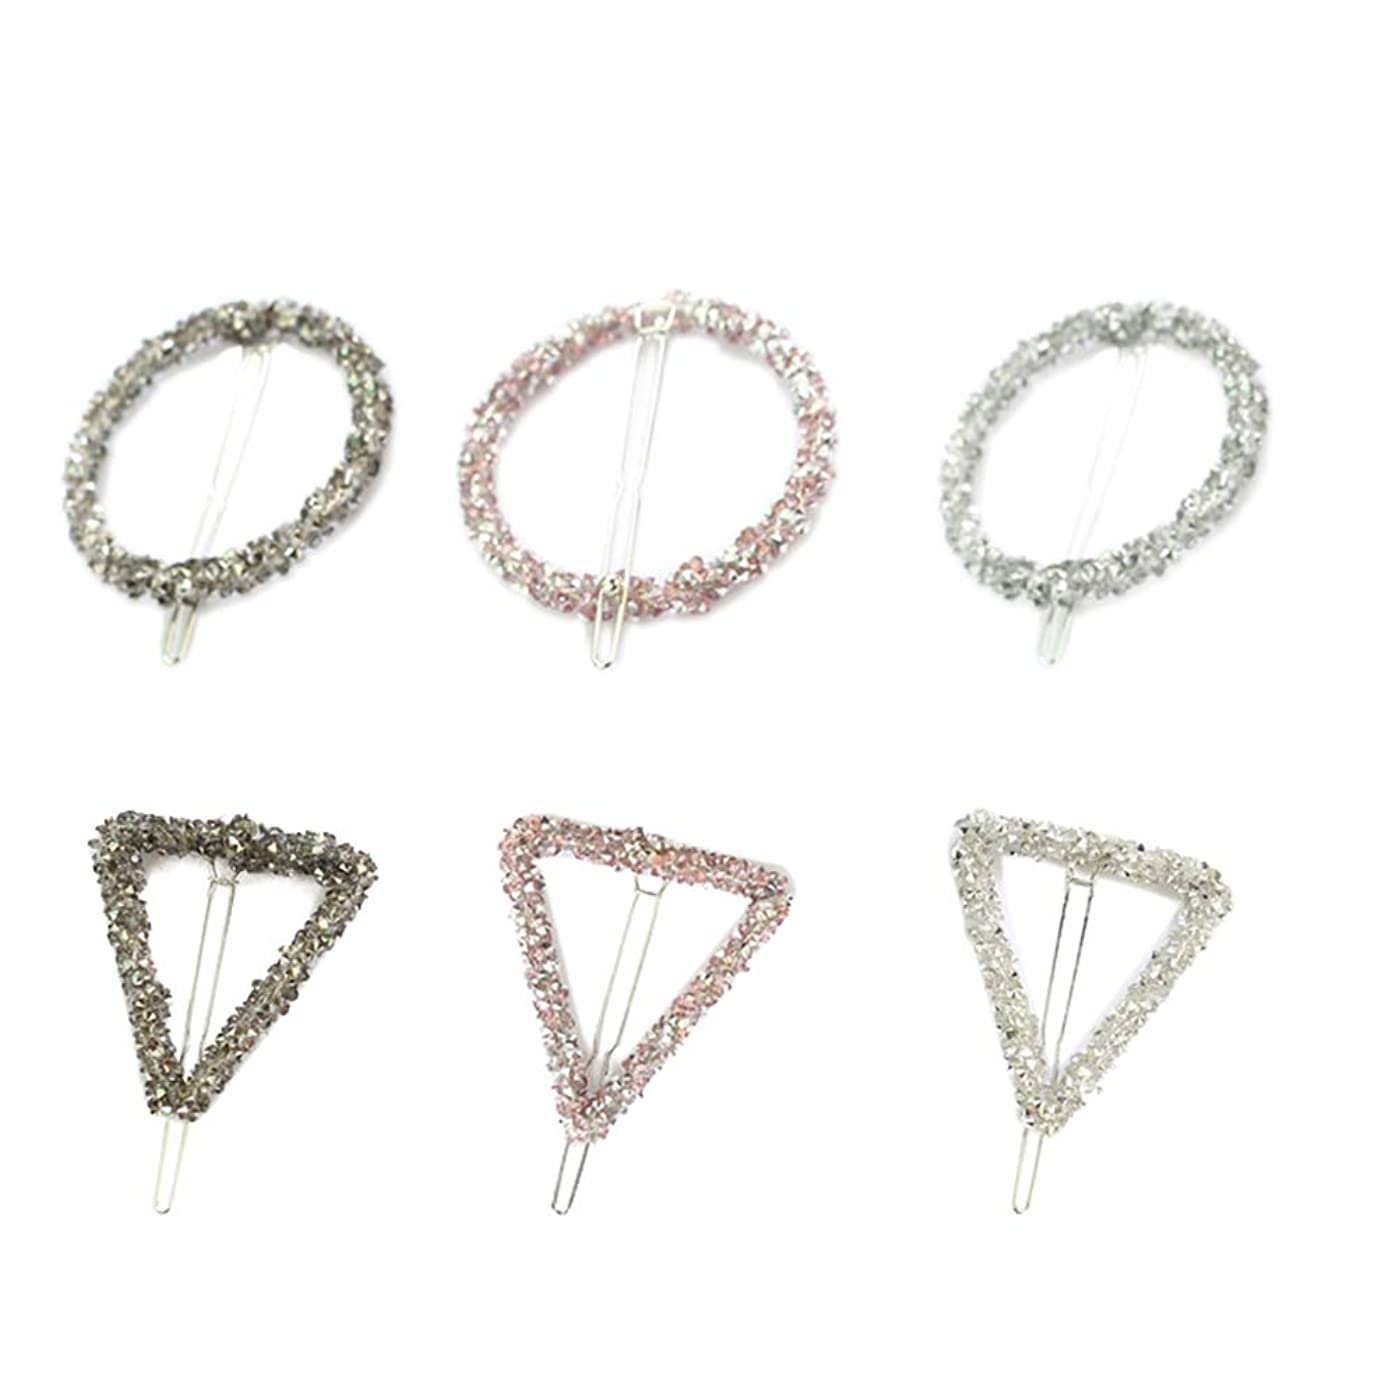 警告する拡張霜Lurrose 6ピーストライアングルヘアピン中空幾何学的合金ヘアピンヘアクランプサークルトライアングル用女性